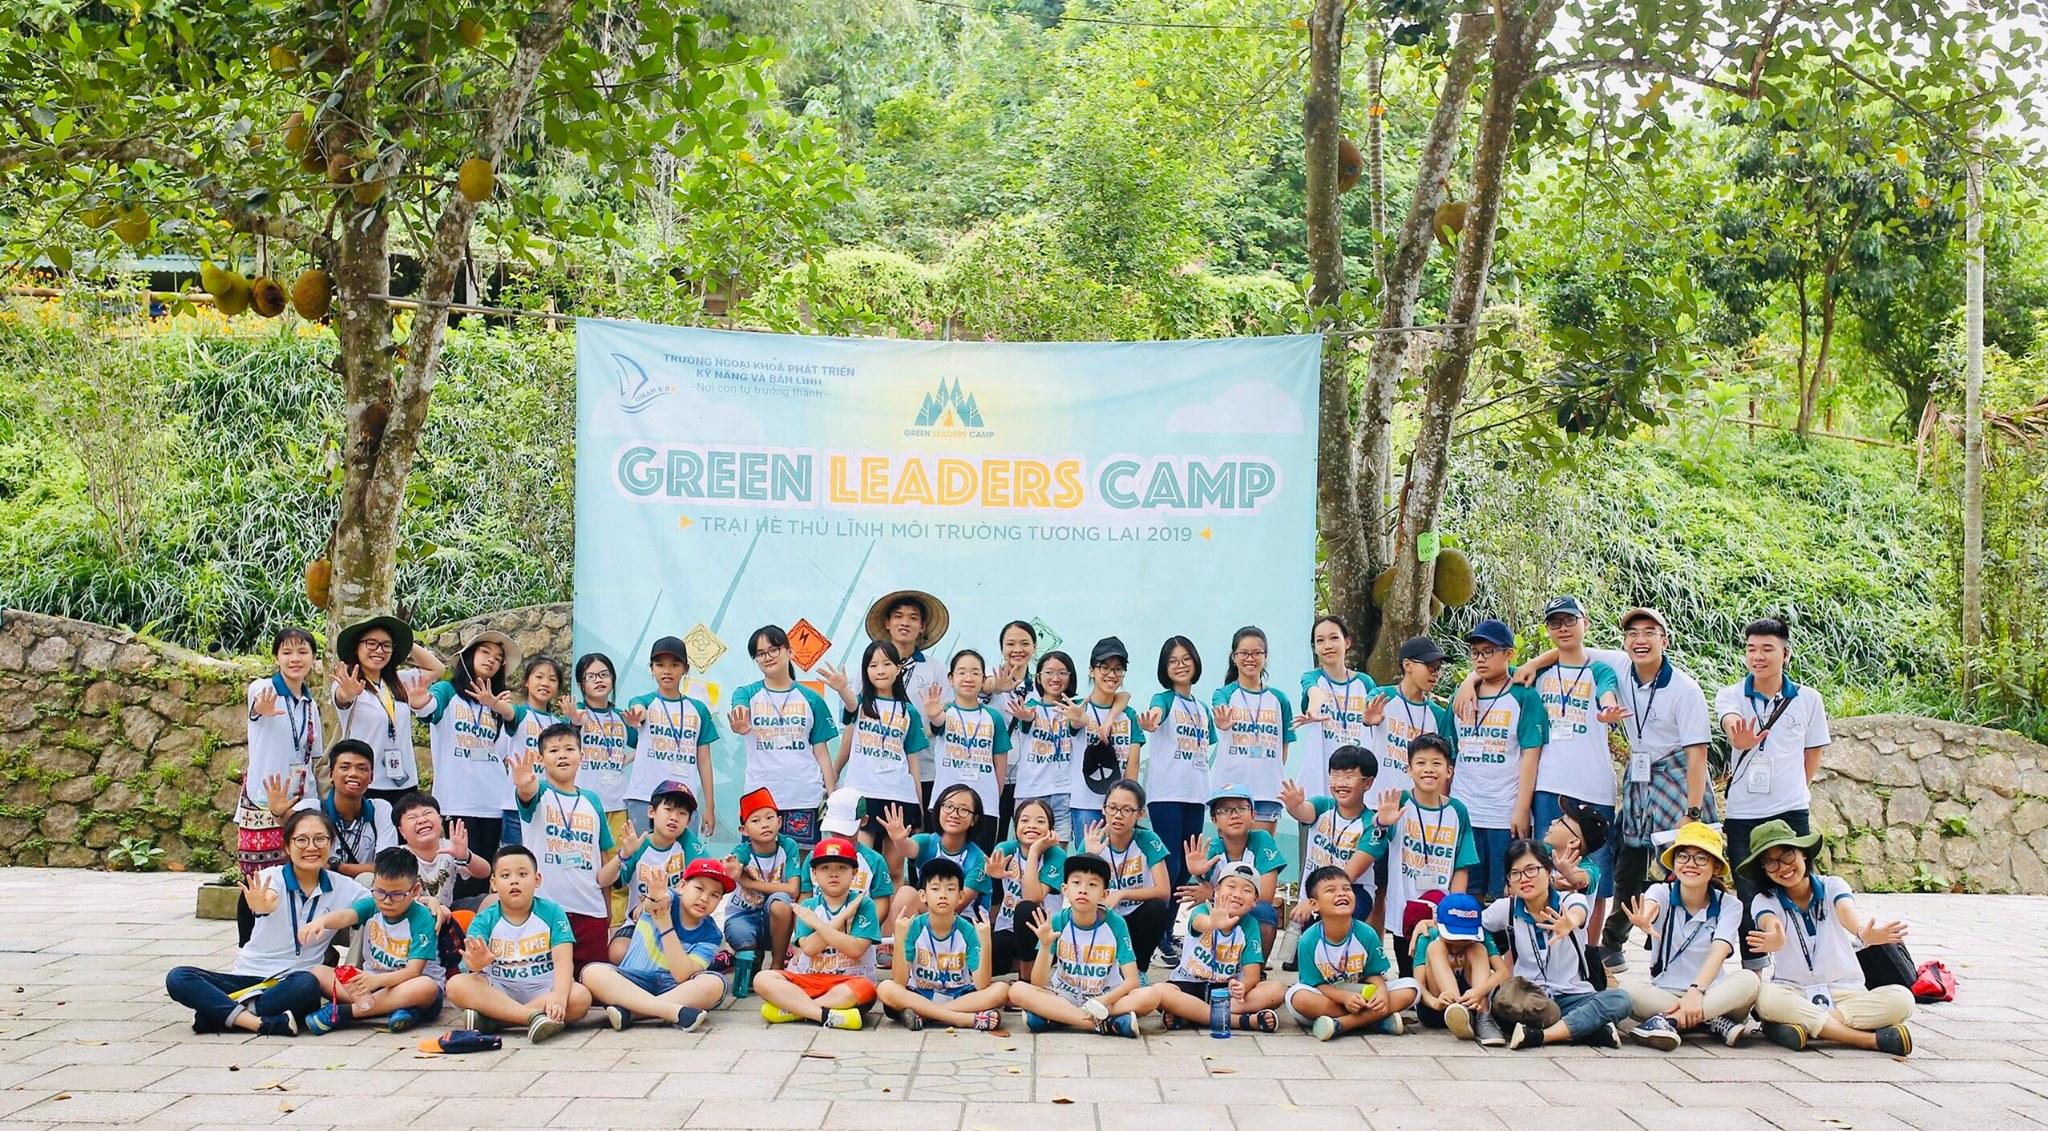 Green Leaders Camp - Trại hè phát triển Lãnh đạo trẻ 2019